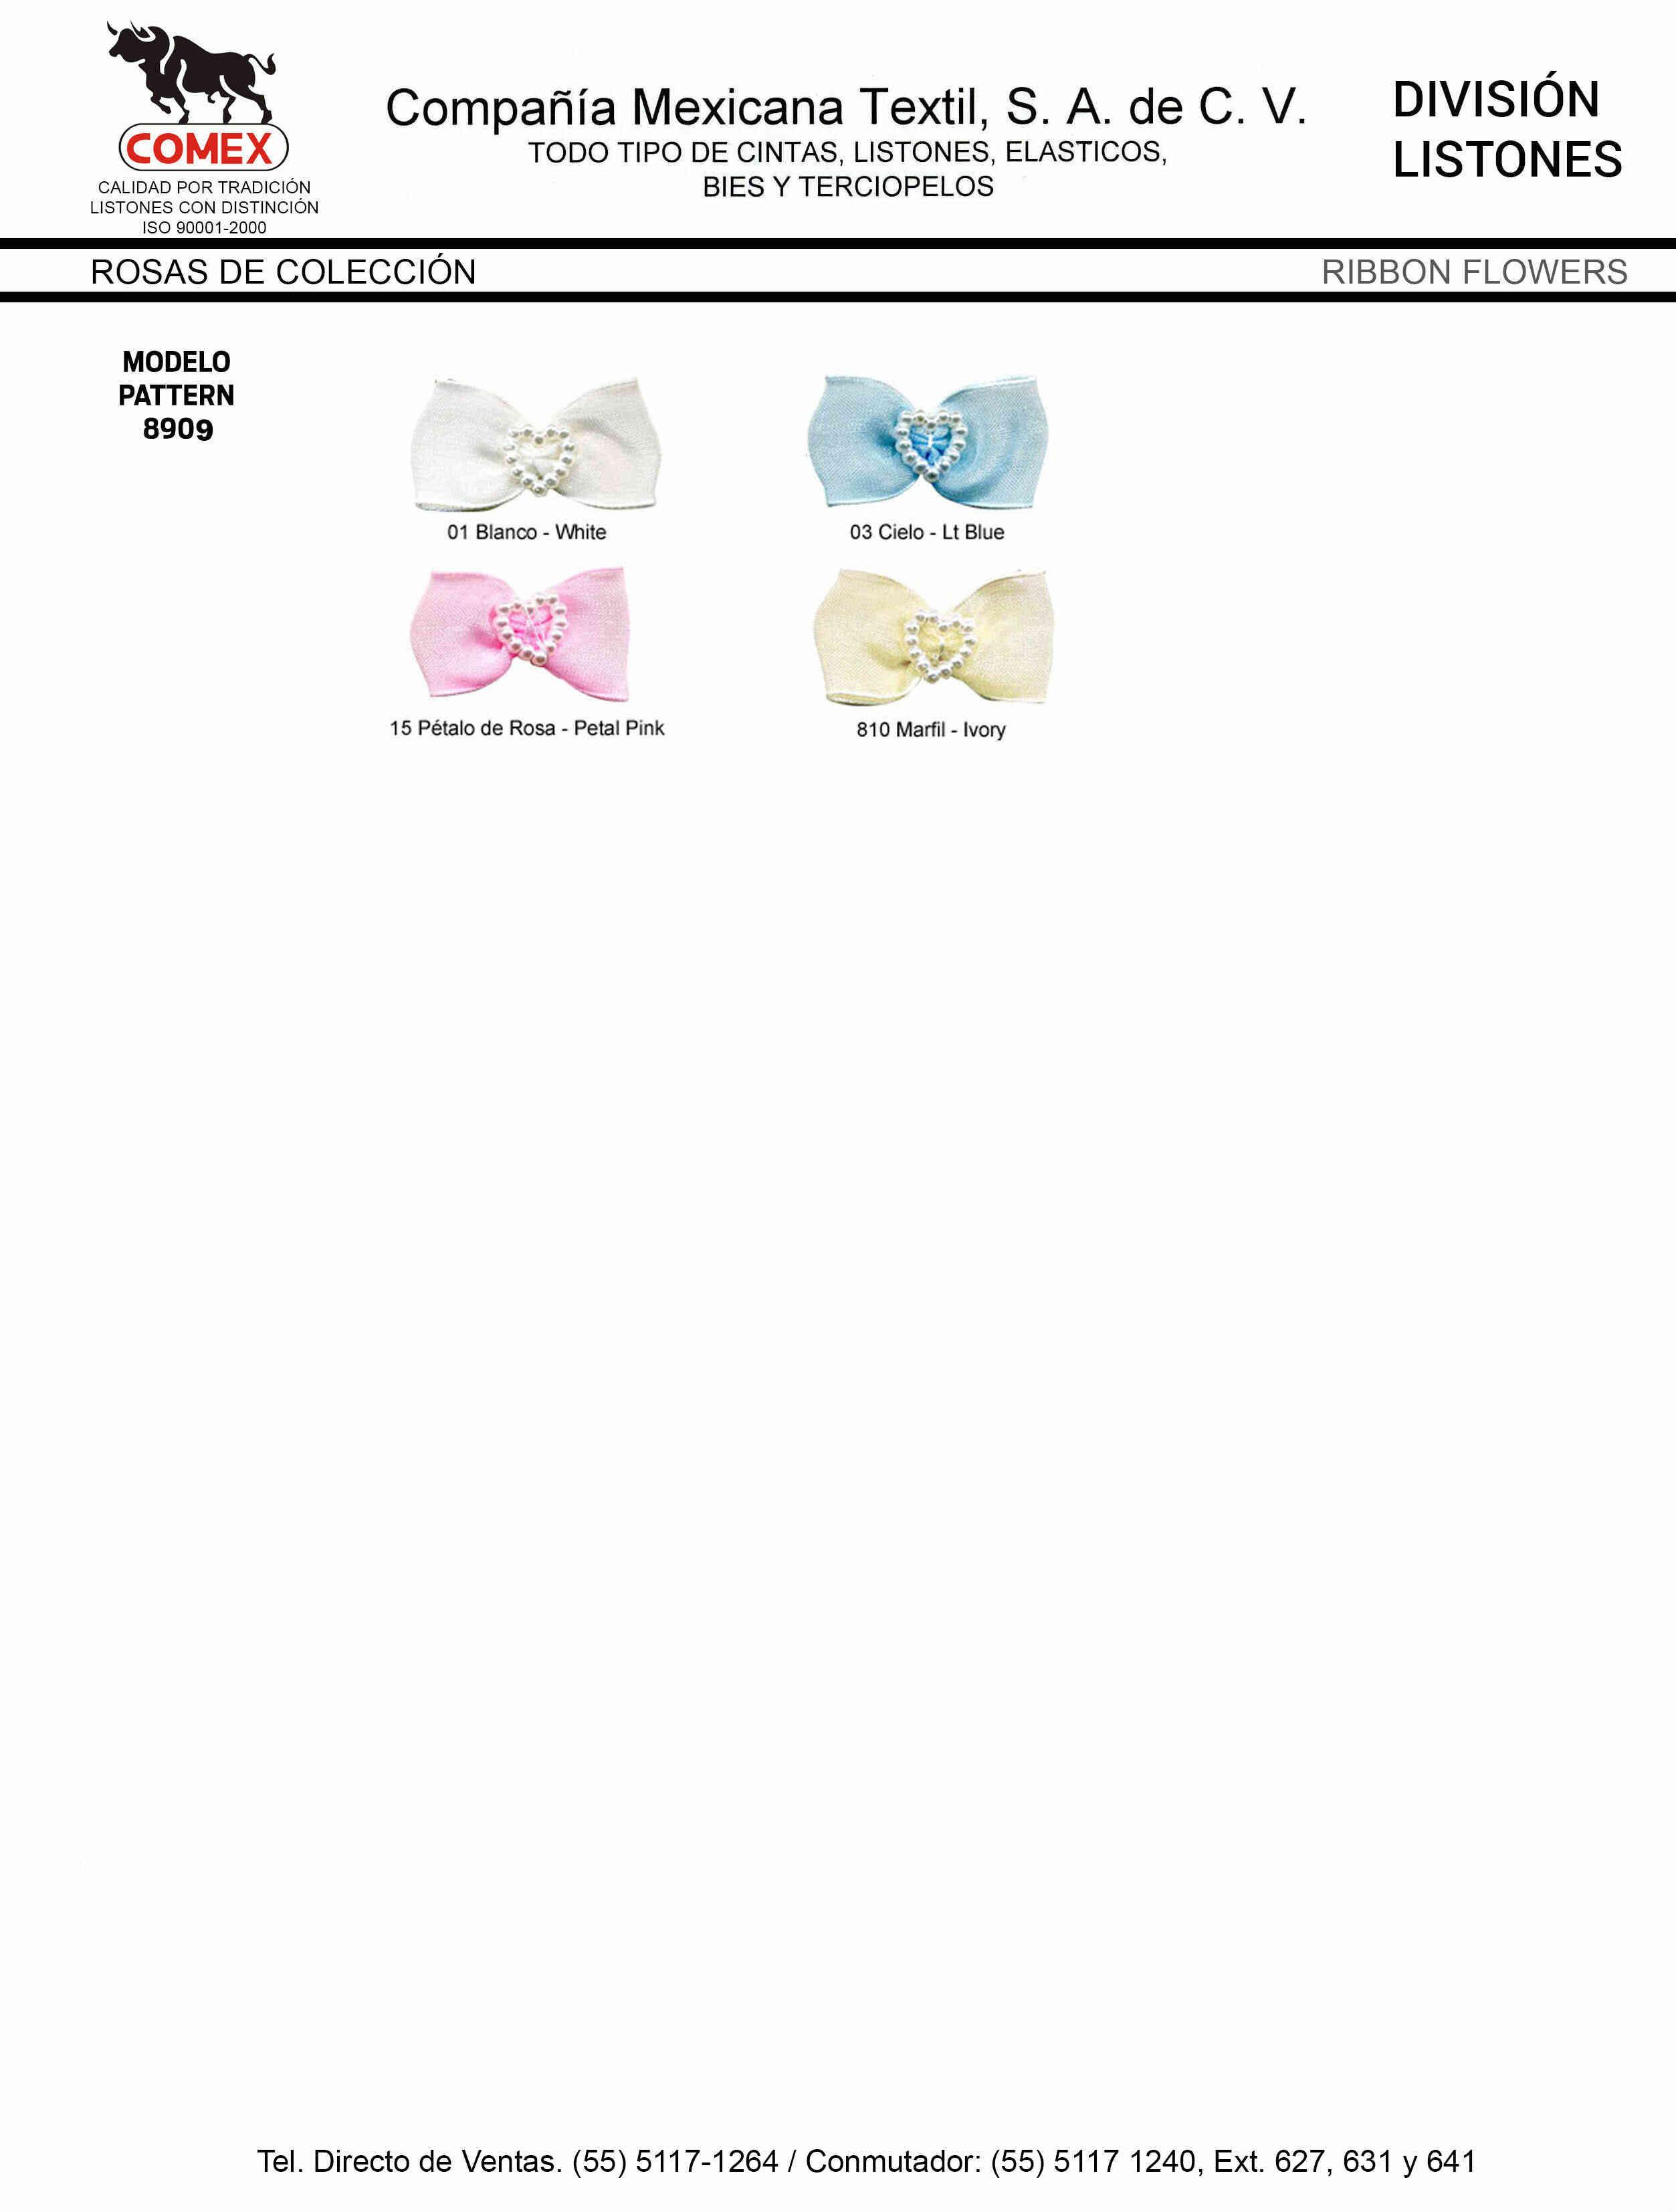 Anchos y Colores de Liston Mod.8909